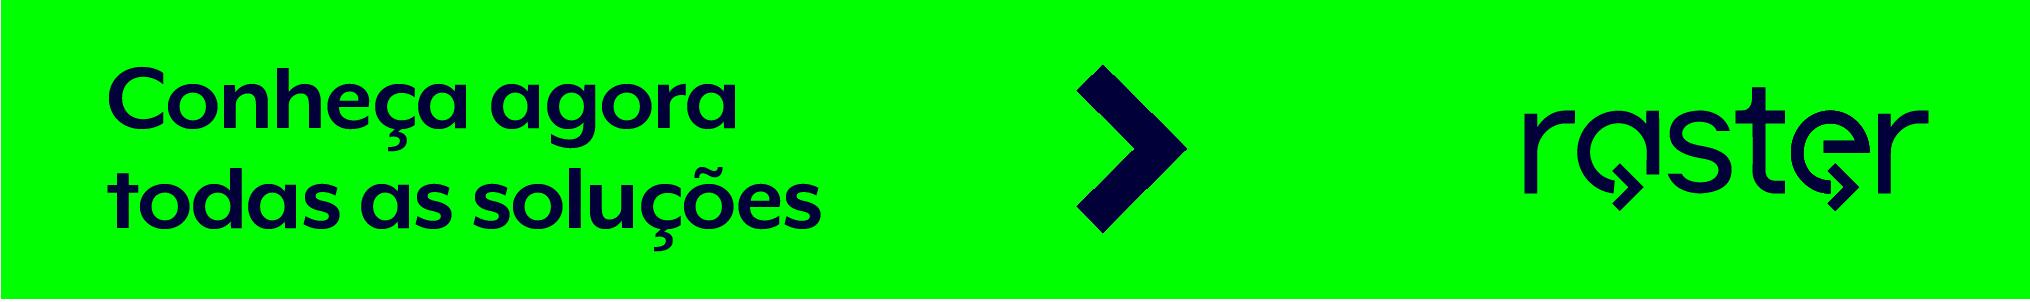 Raster-Conecta-o-novo-canal-de-comunicação-com-o-motorista-3